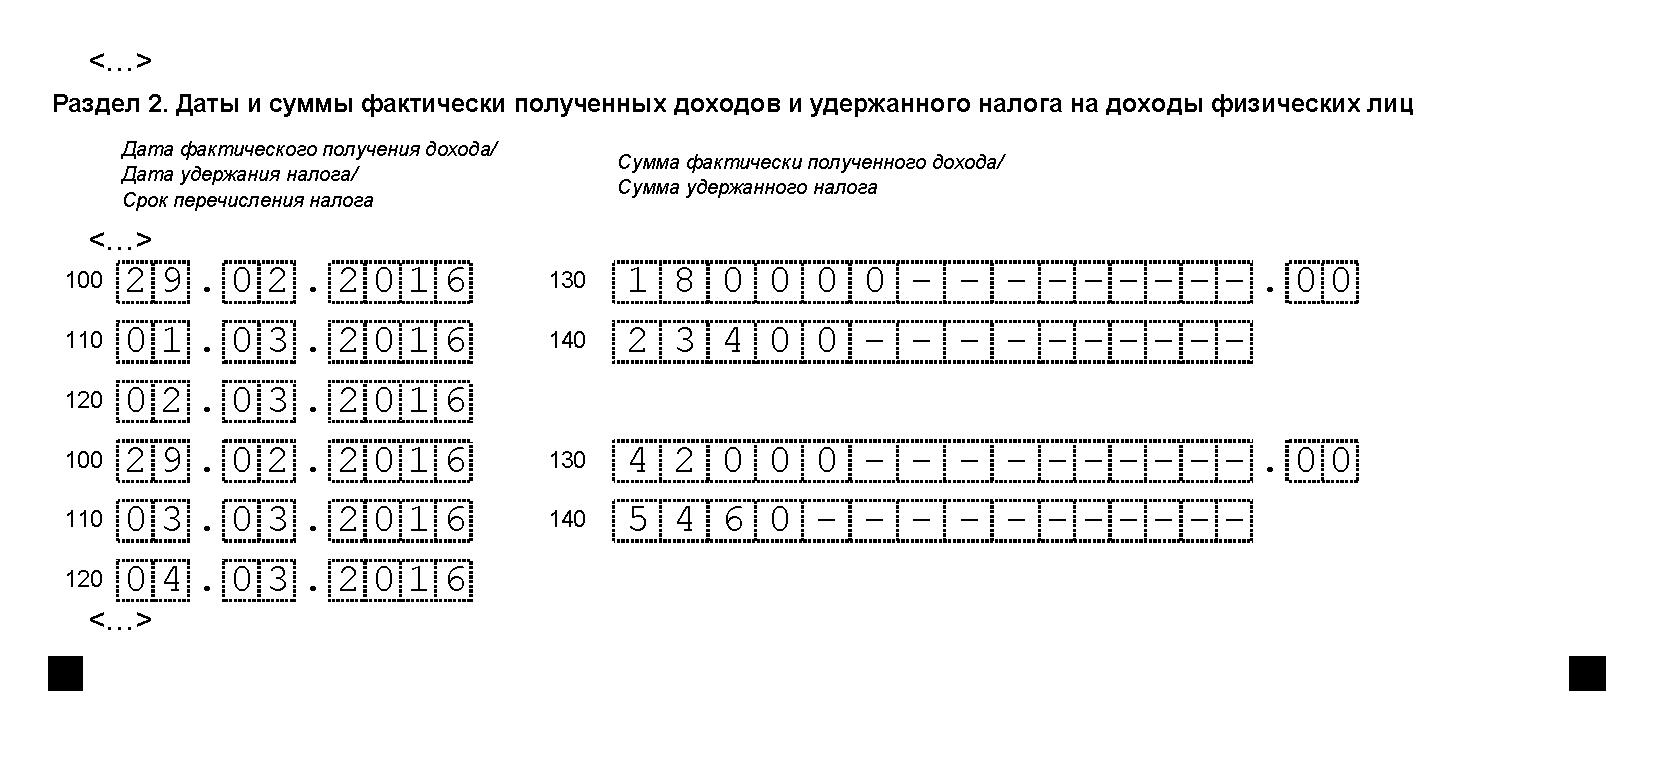 Конкретные примеры заполнения 6-НДФЛ за 9 месяцев 2016 года